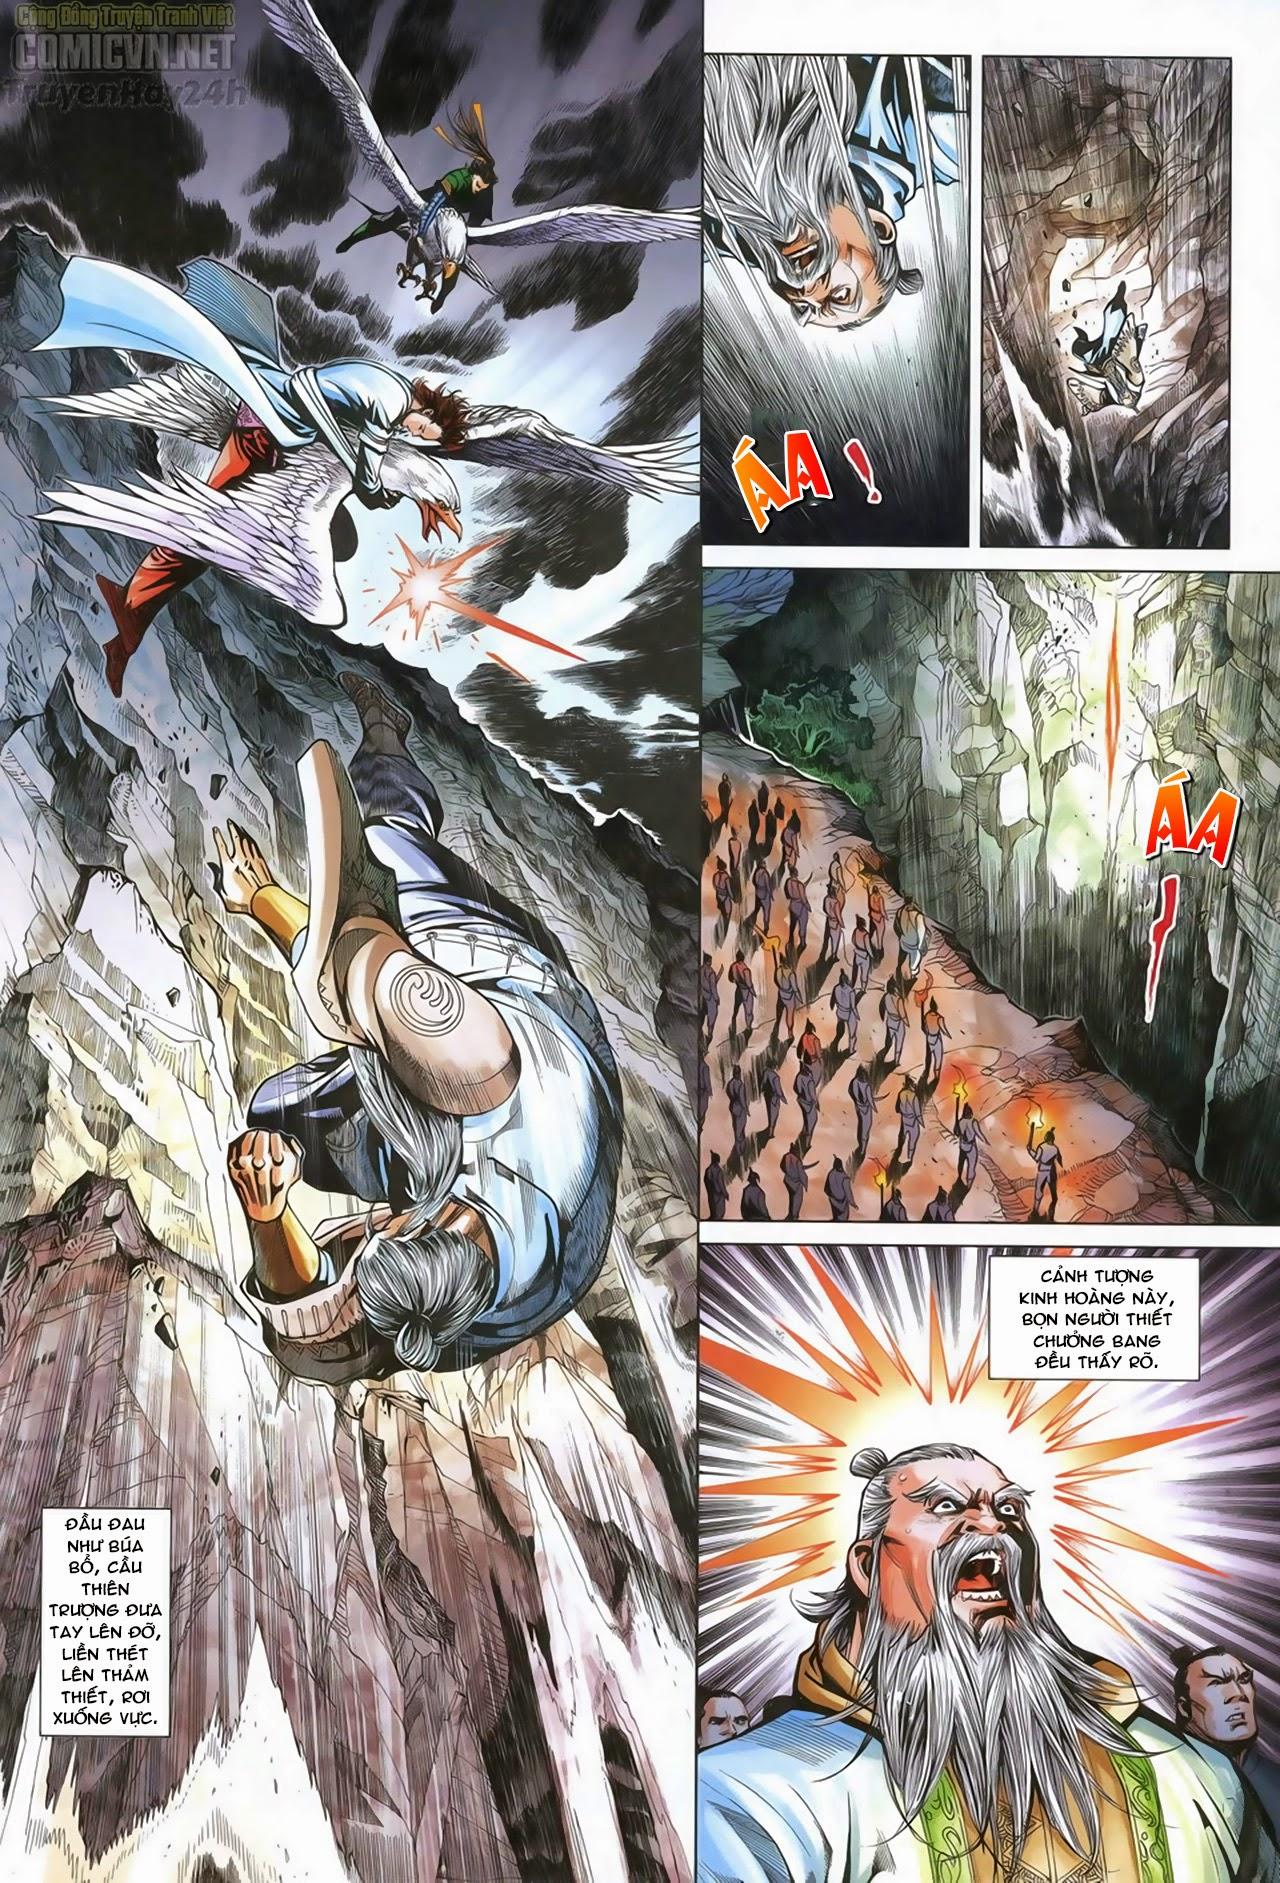 Anh Hùng Xạ Điêu anh hùng xạ đêu chap 70: hắc chiểu ẩn nữ trang 4